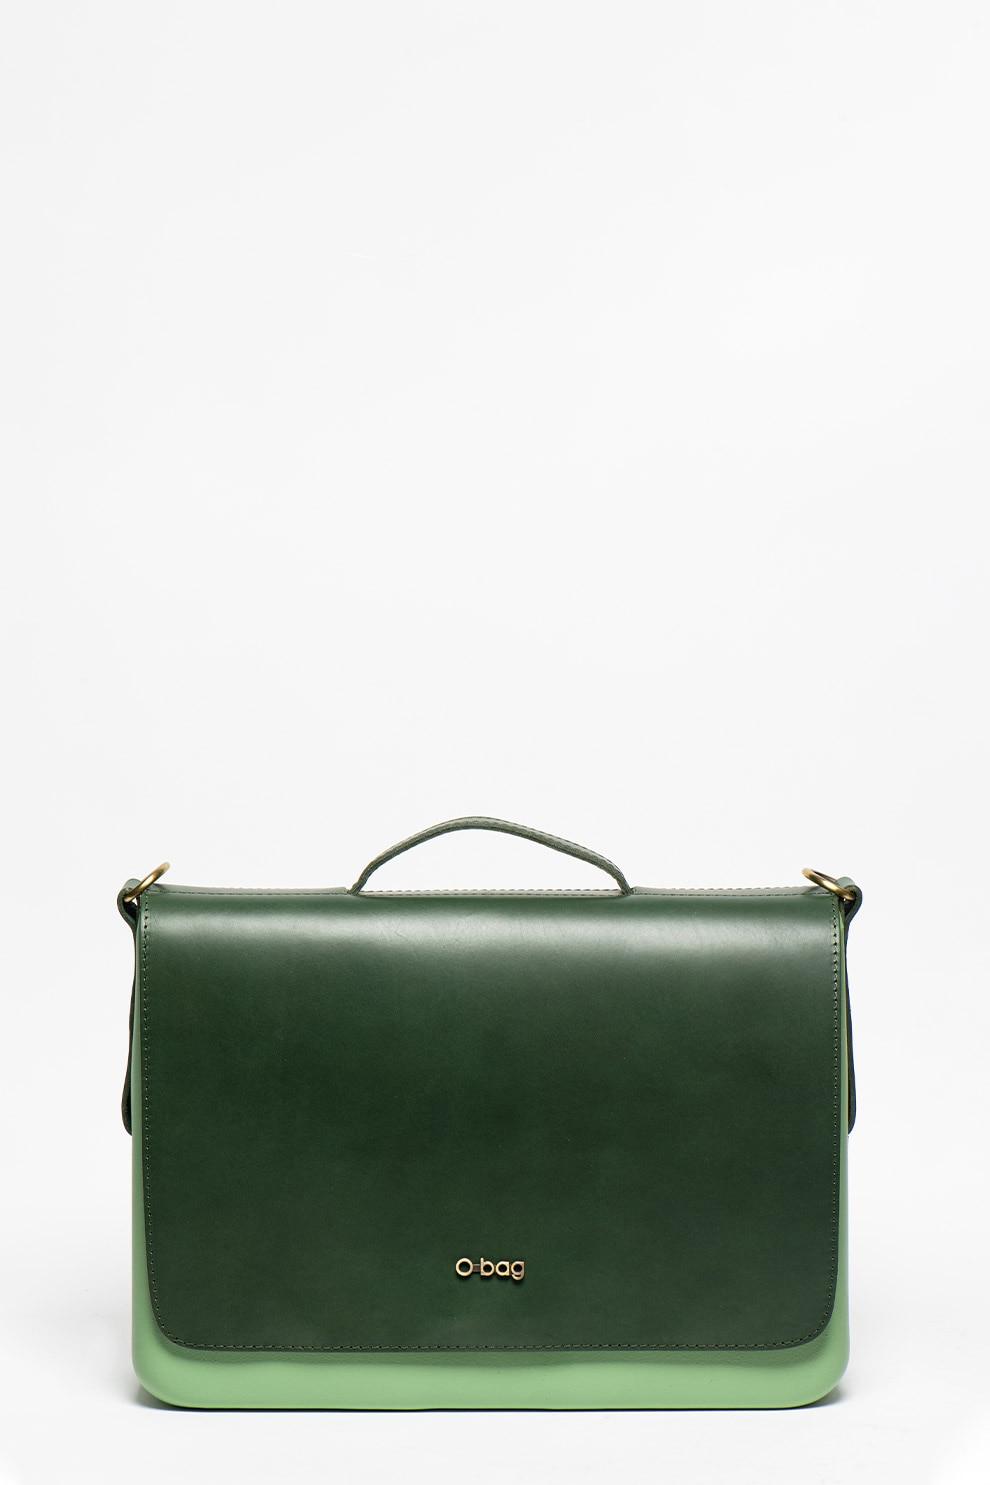 Fotografie O bag, Geanta cu bareta de umar detasabila, Verde